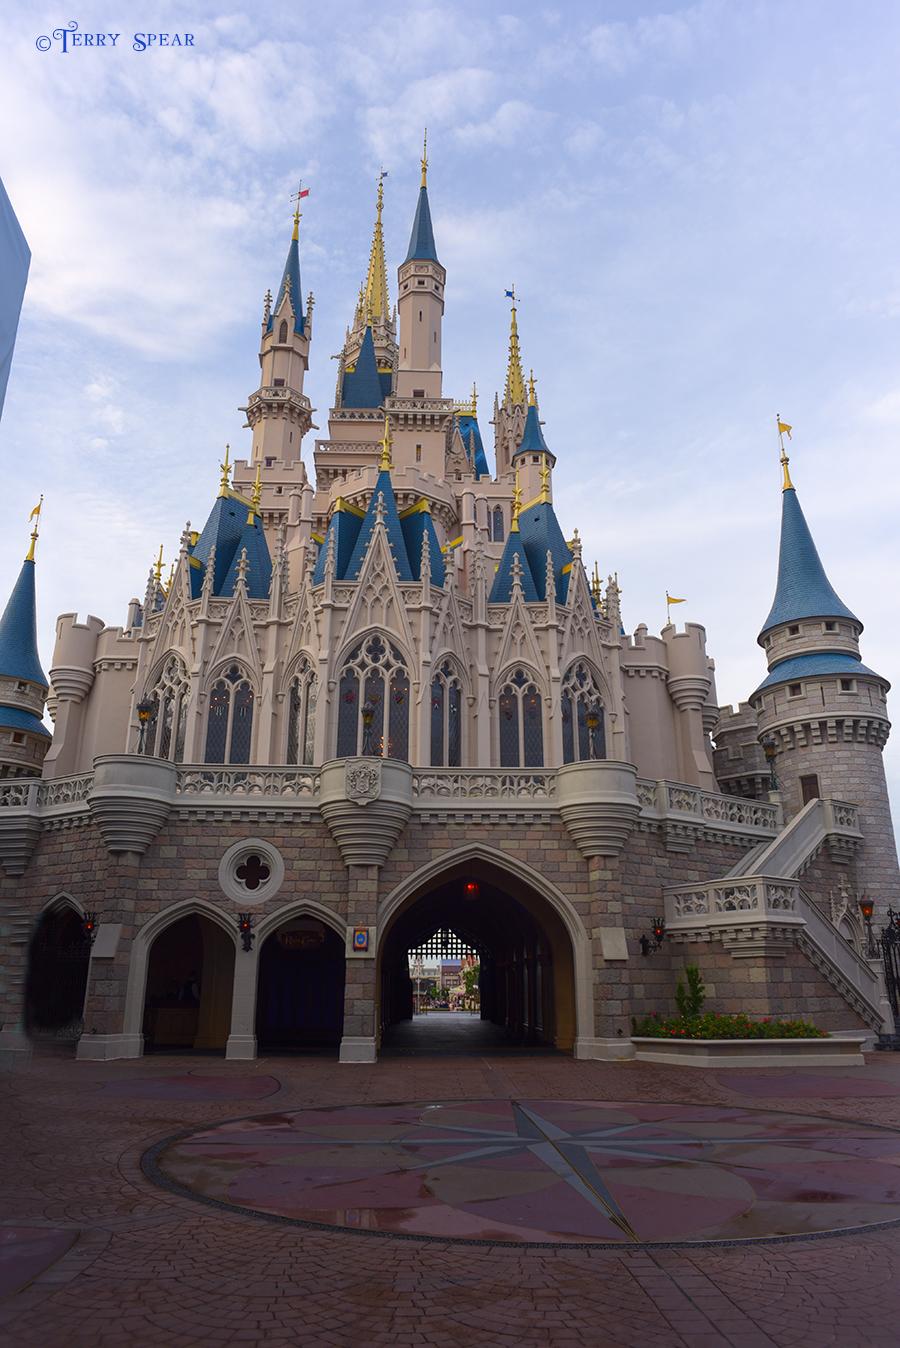 Cinderella Castle no people 900 Orlando Disney RWA 2017 1212